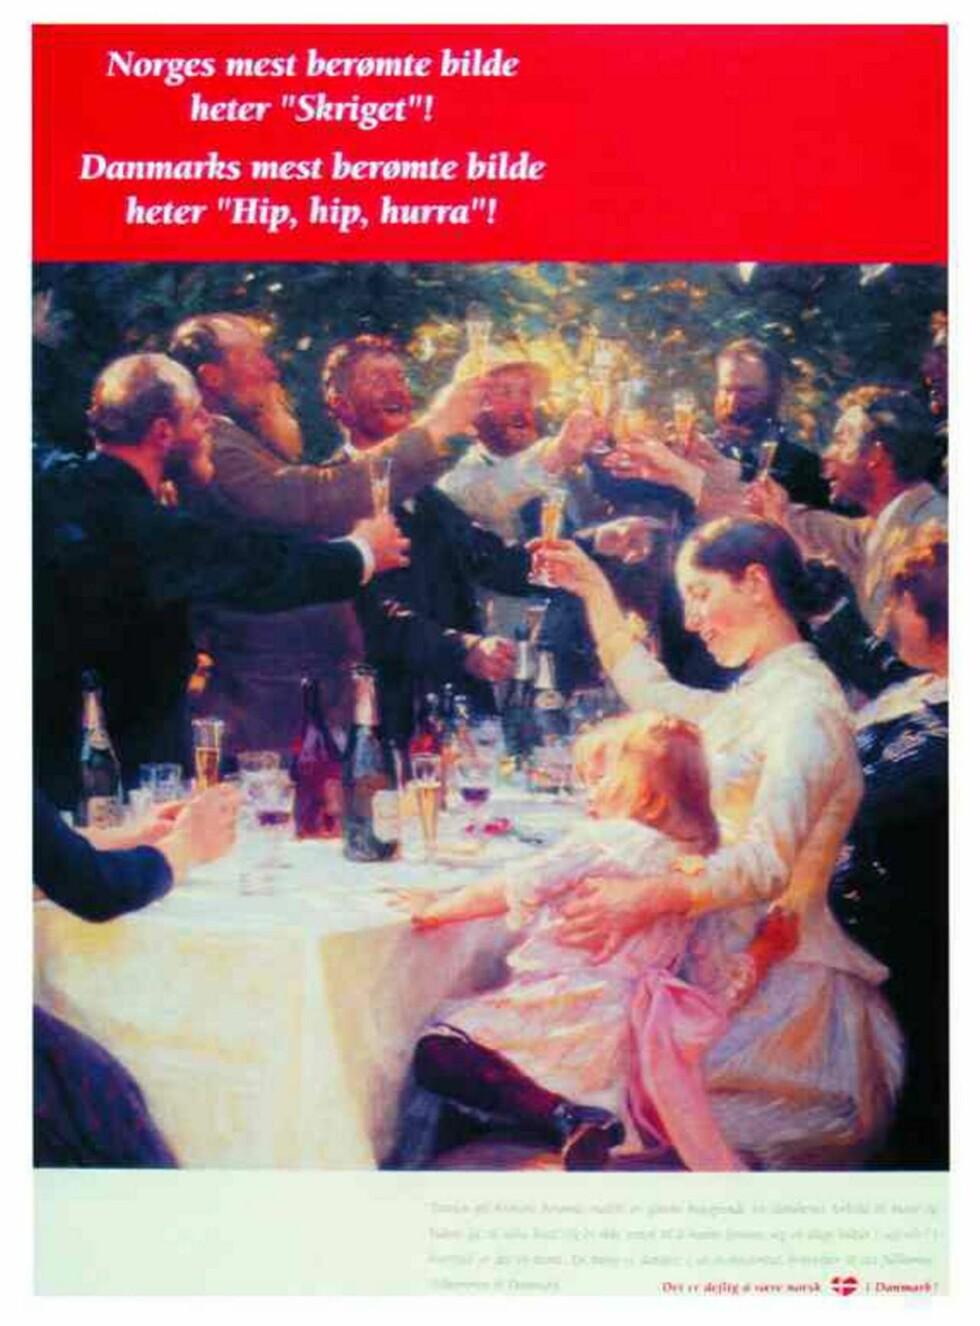 """ÅRHUNDRETS ANNONSE: P.S. Krøyers maleri """"Hip, hip, hurra!"""" er utgangspunkt for århundrets beste reiselivsannonse. Foto: VisitDenmark"""